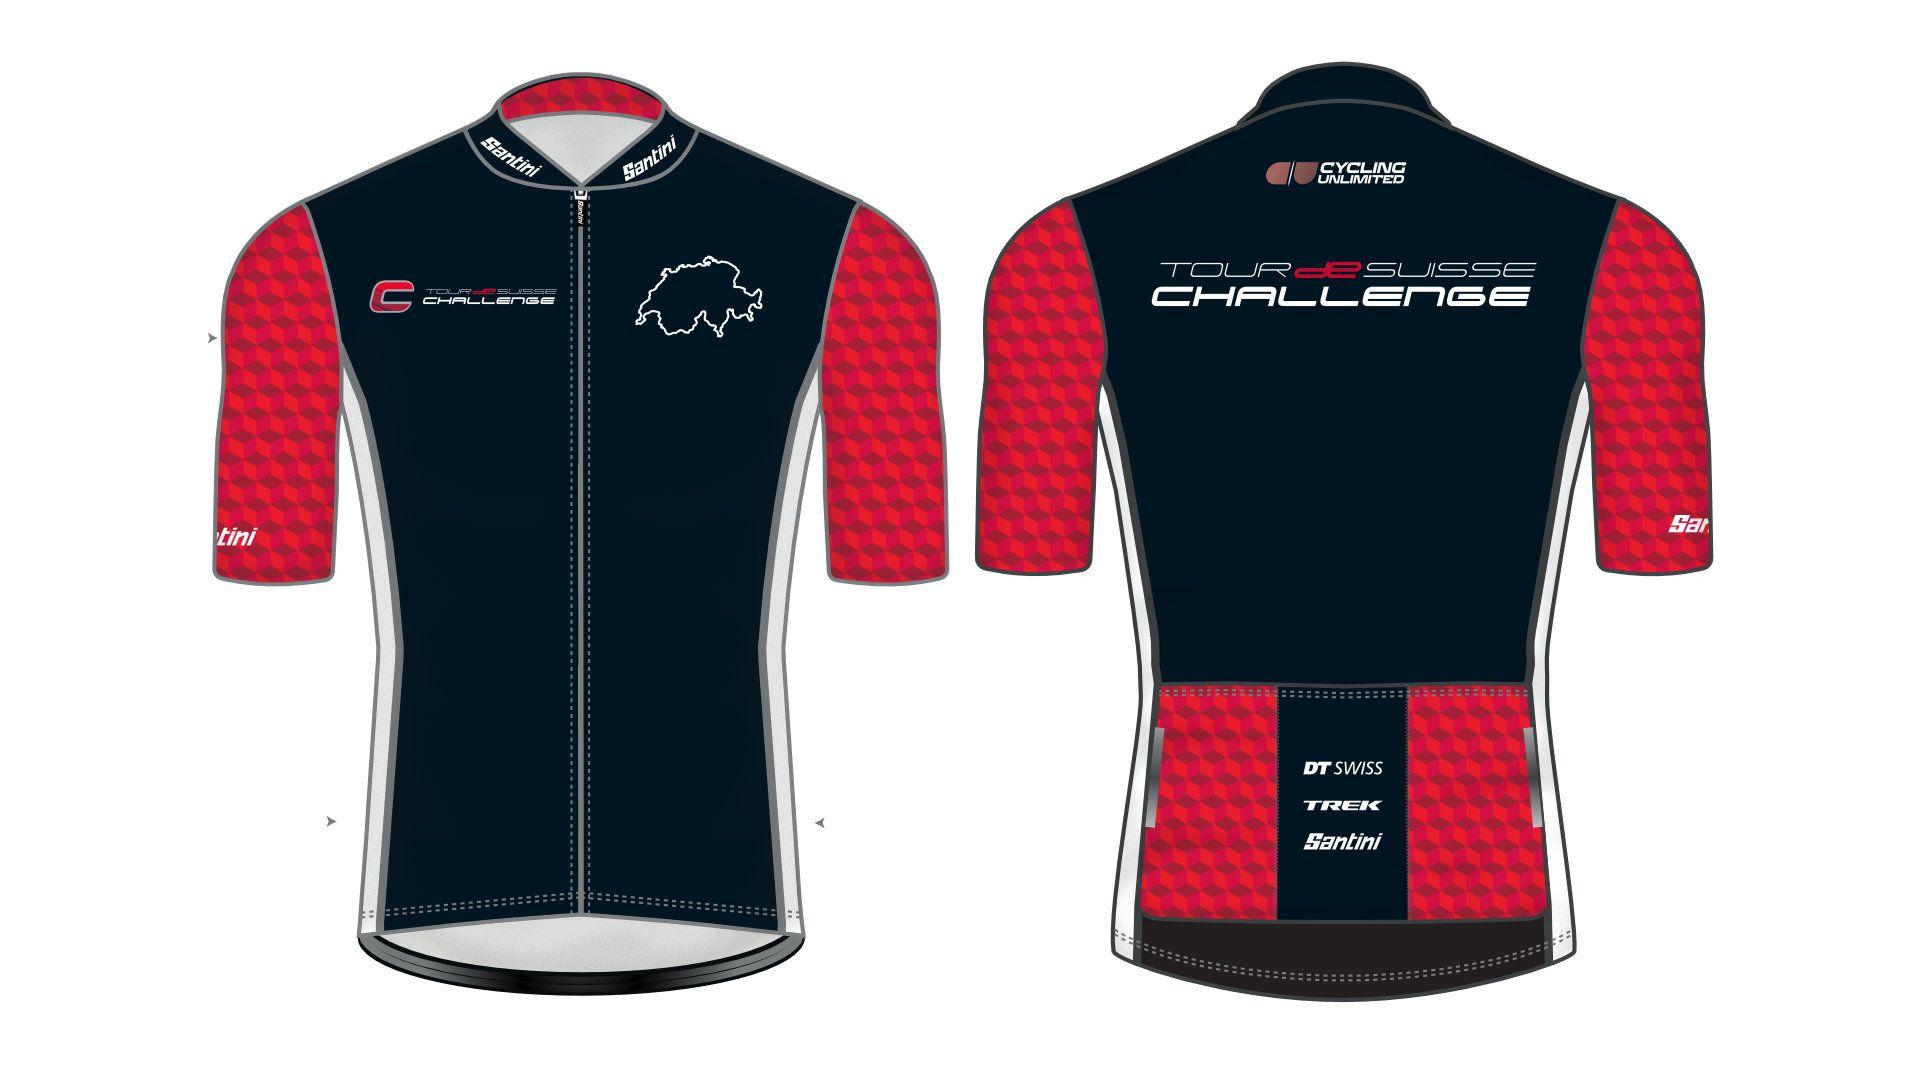 Tour de Suisse Challenge Jersey